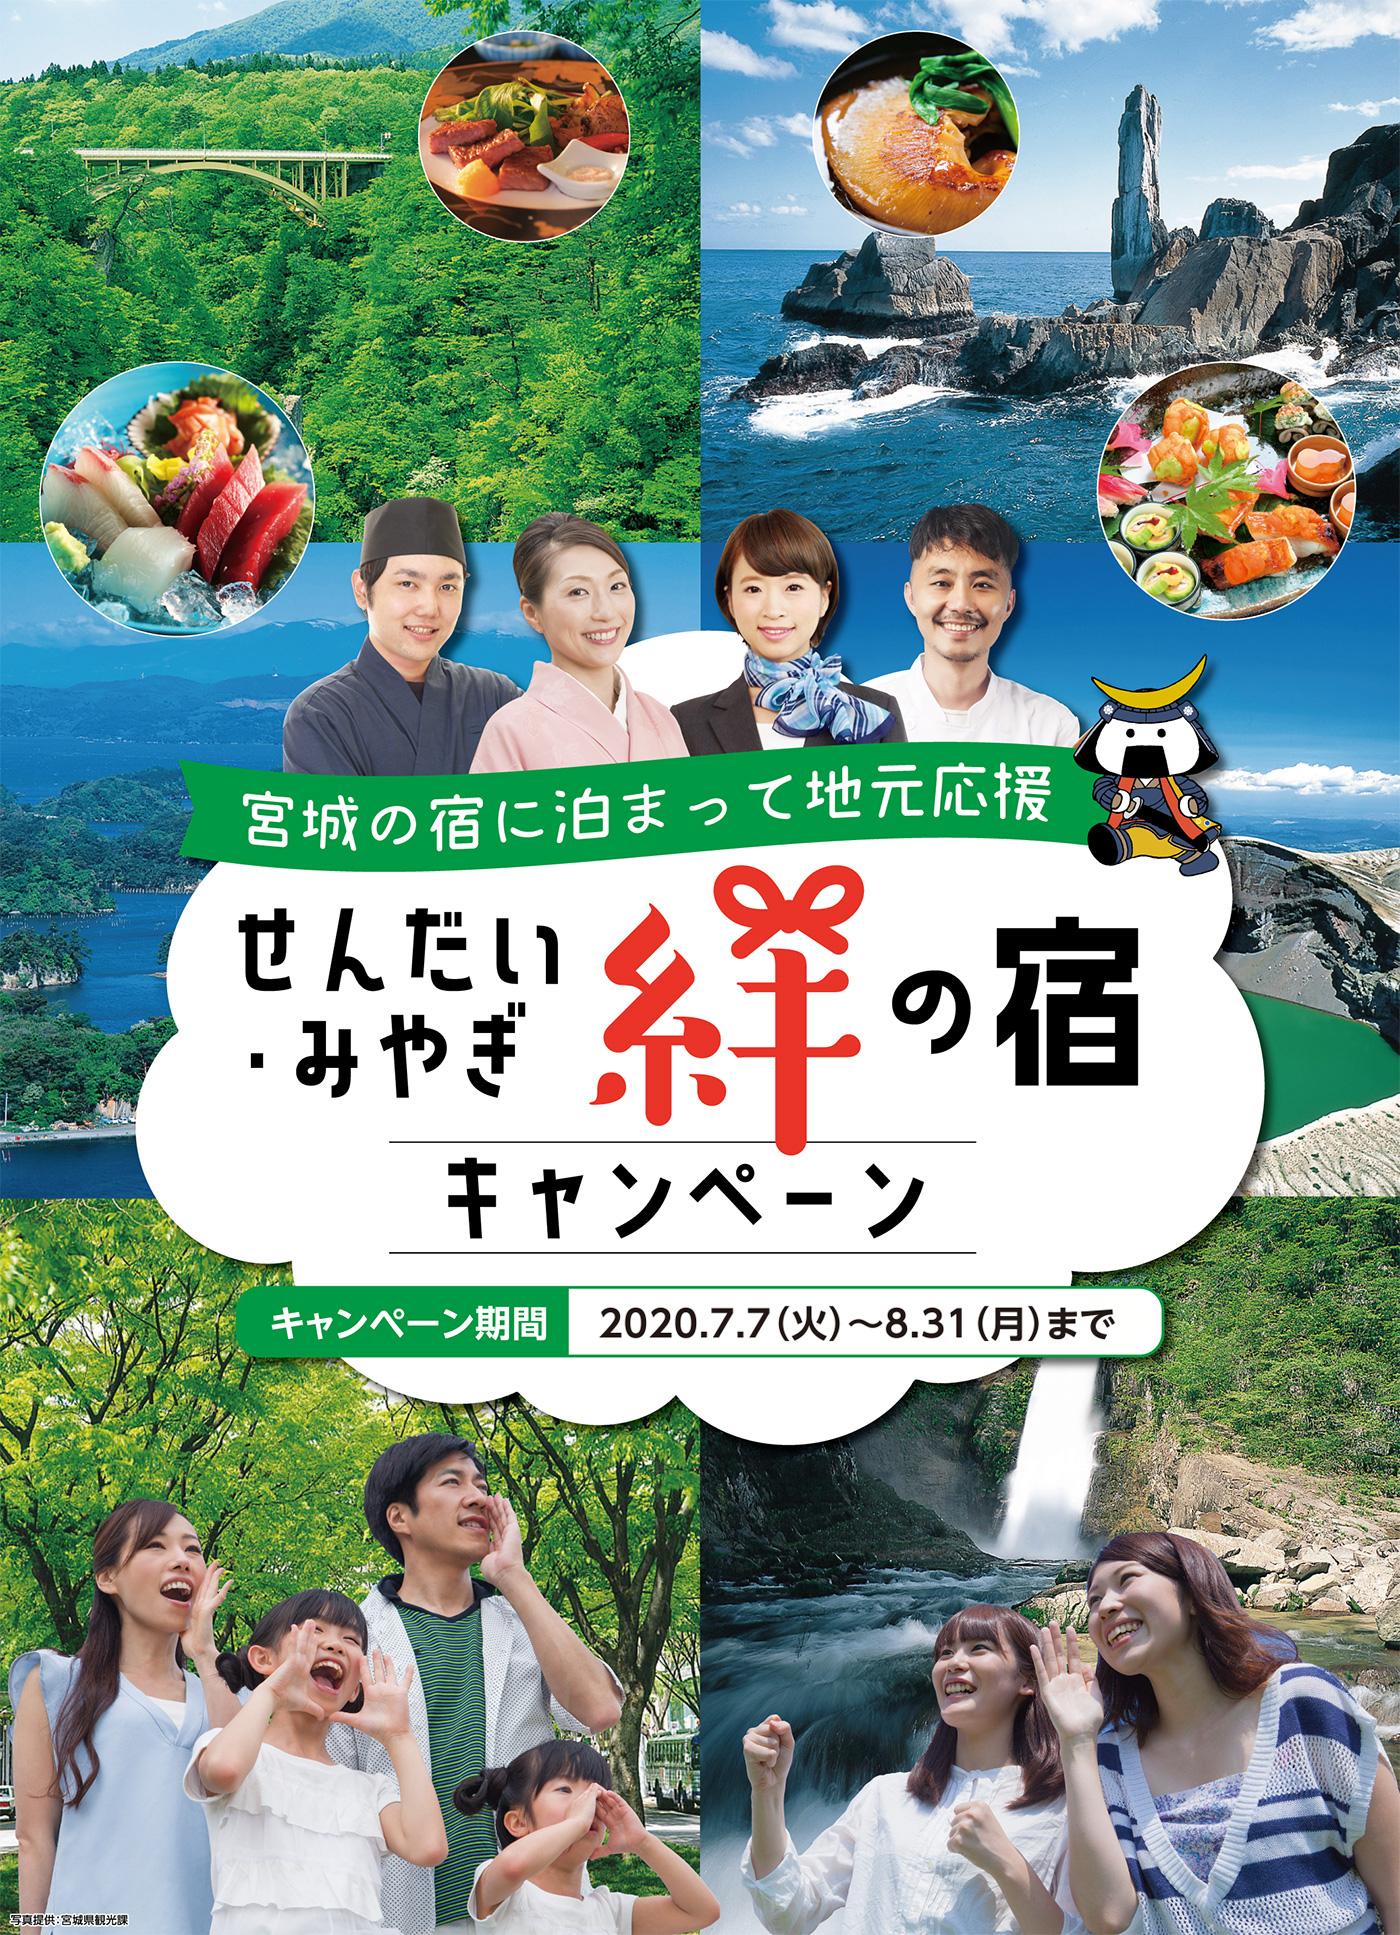 お得に応援!1泊5000円割引『せんだい・みやぎ絆の宿キャンペーン』が7月7日開始!